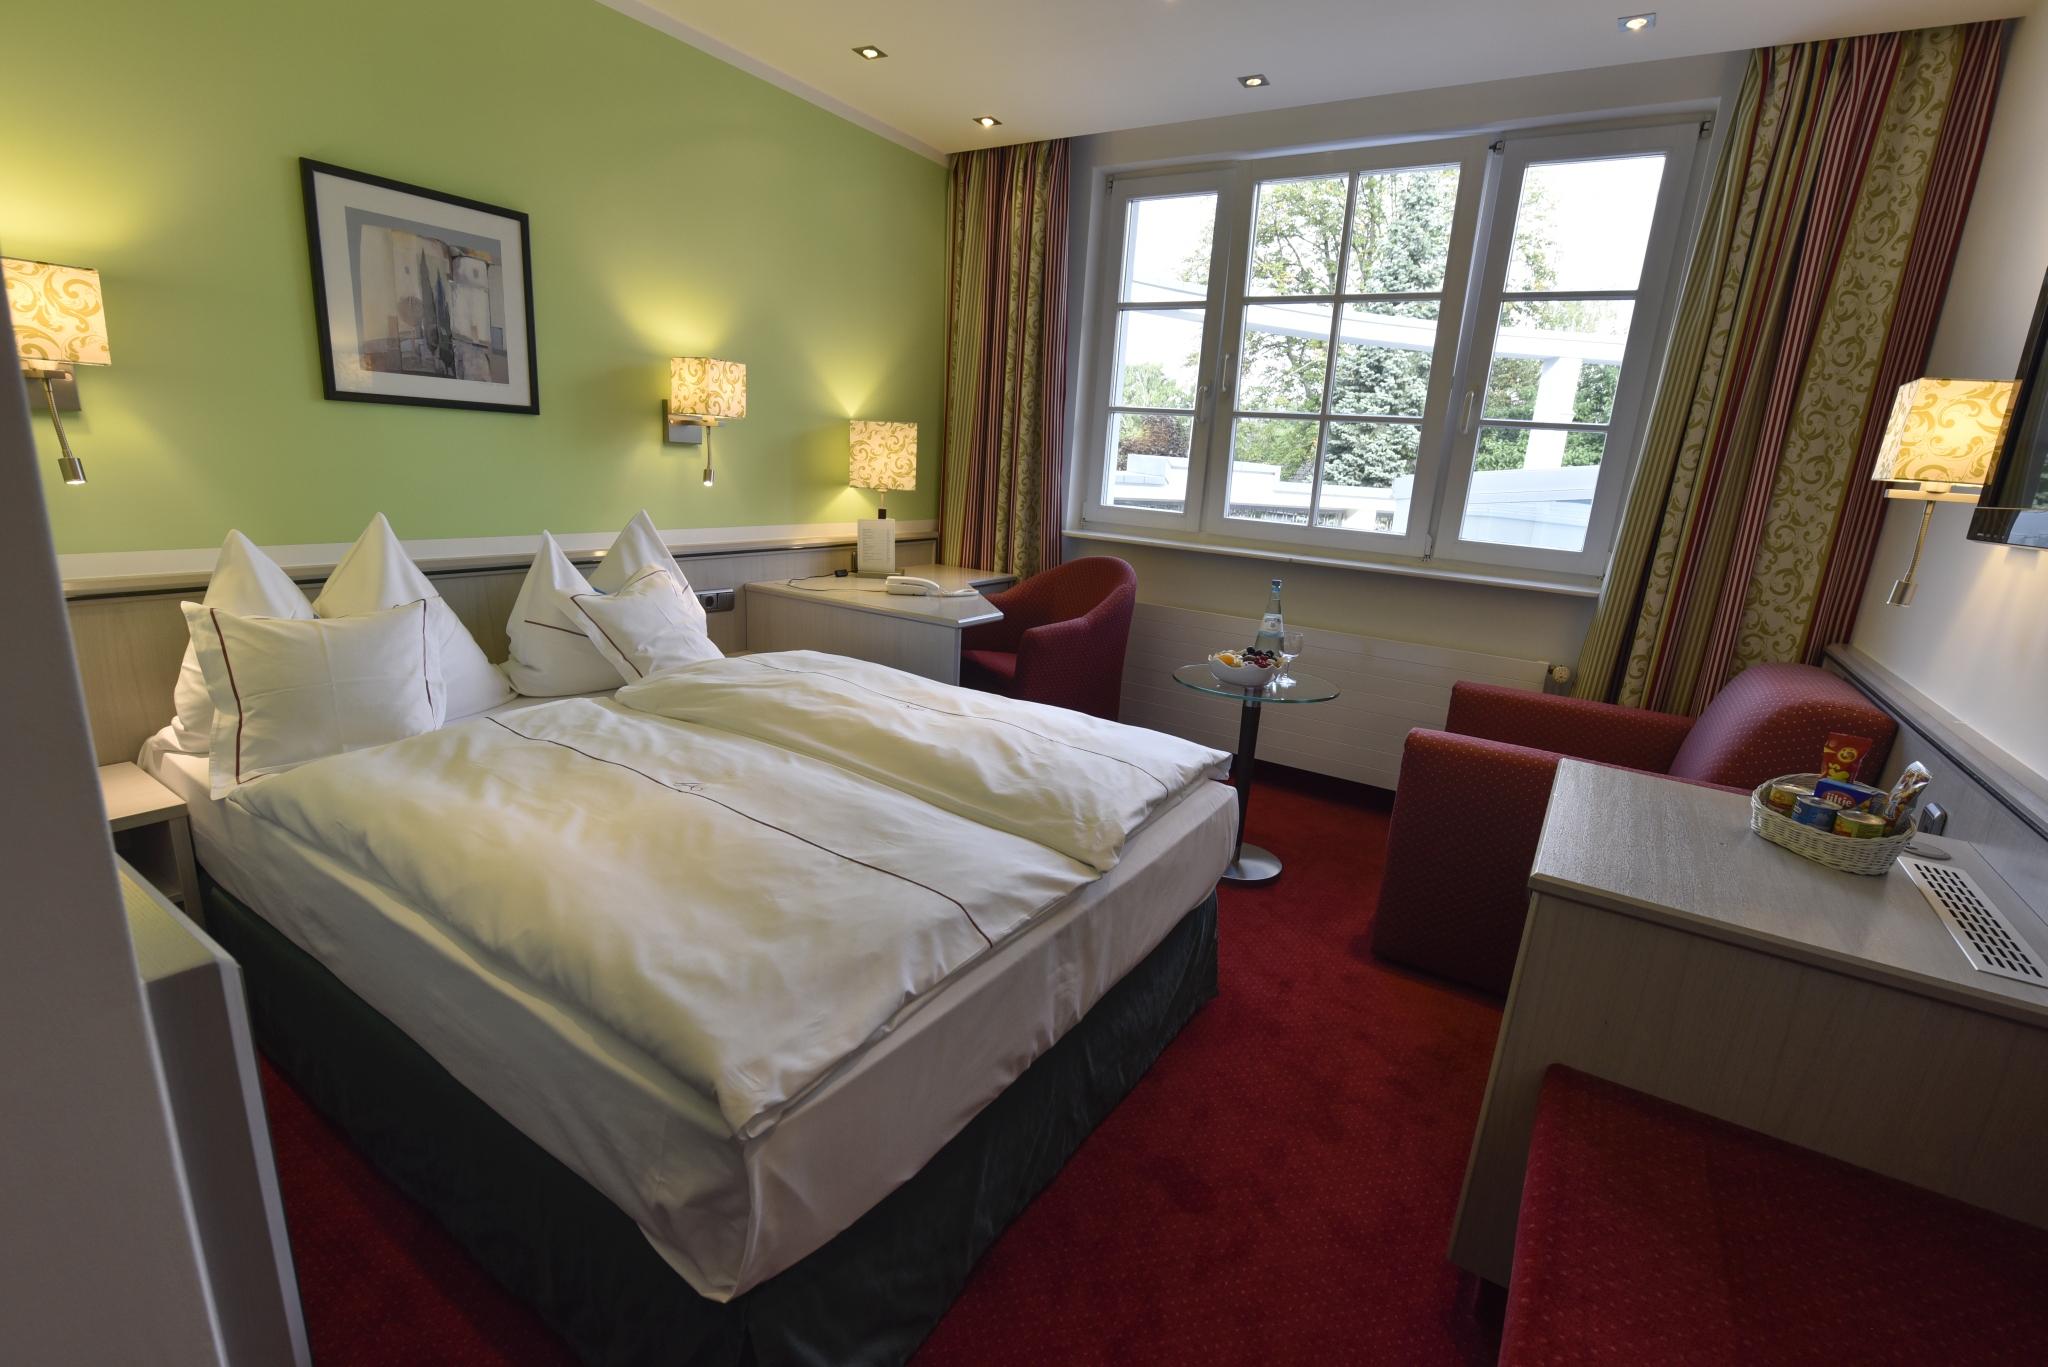 Full Size of Bett Hotel Landhaus Alpinia Krankenhaus Team 7 Betten Mit Matratze Und Lattenrost 140x200 200x200 Kingsize Schlicht Bettkasten Bette Duschwanne Kinder Bonprix Bett 1.40 Bett